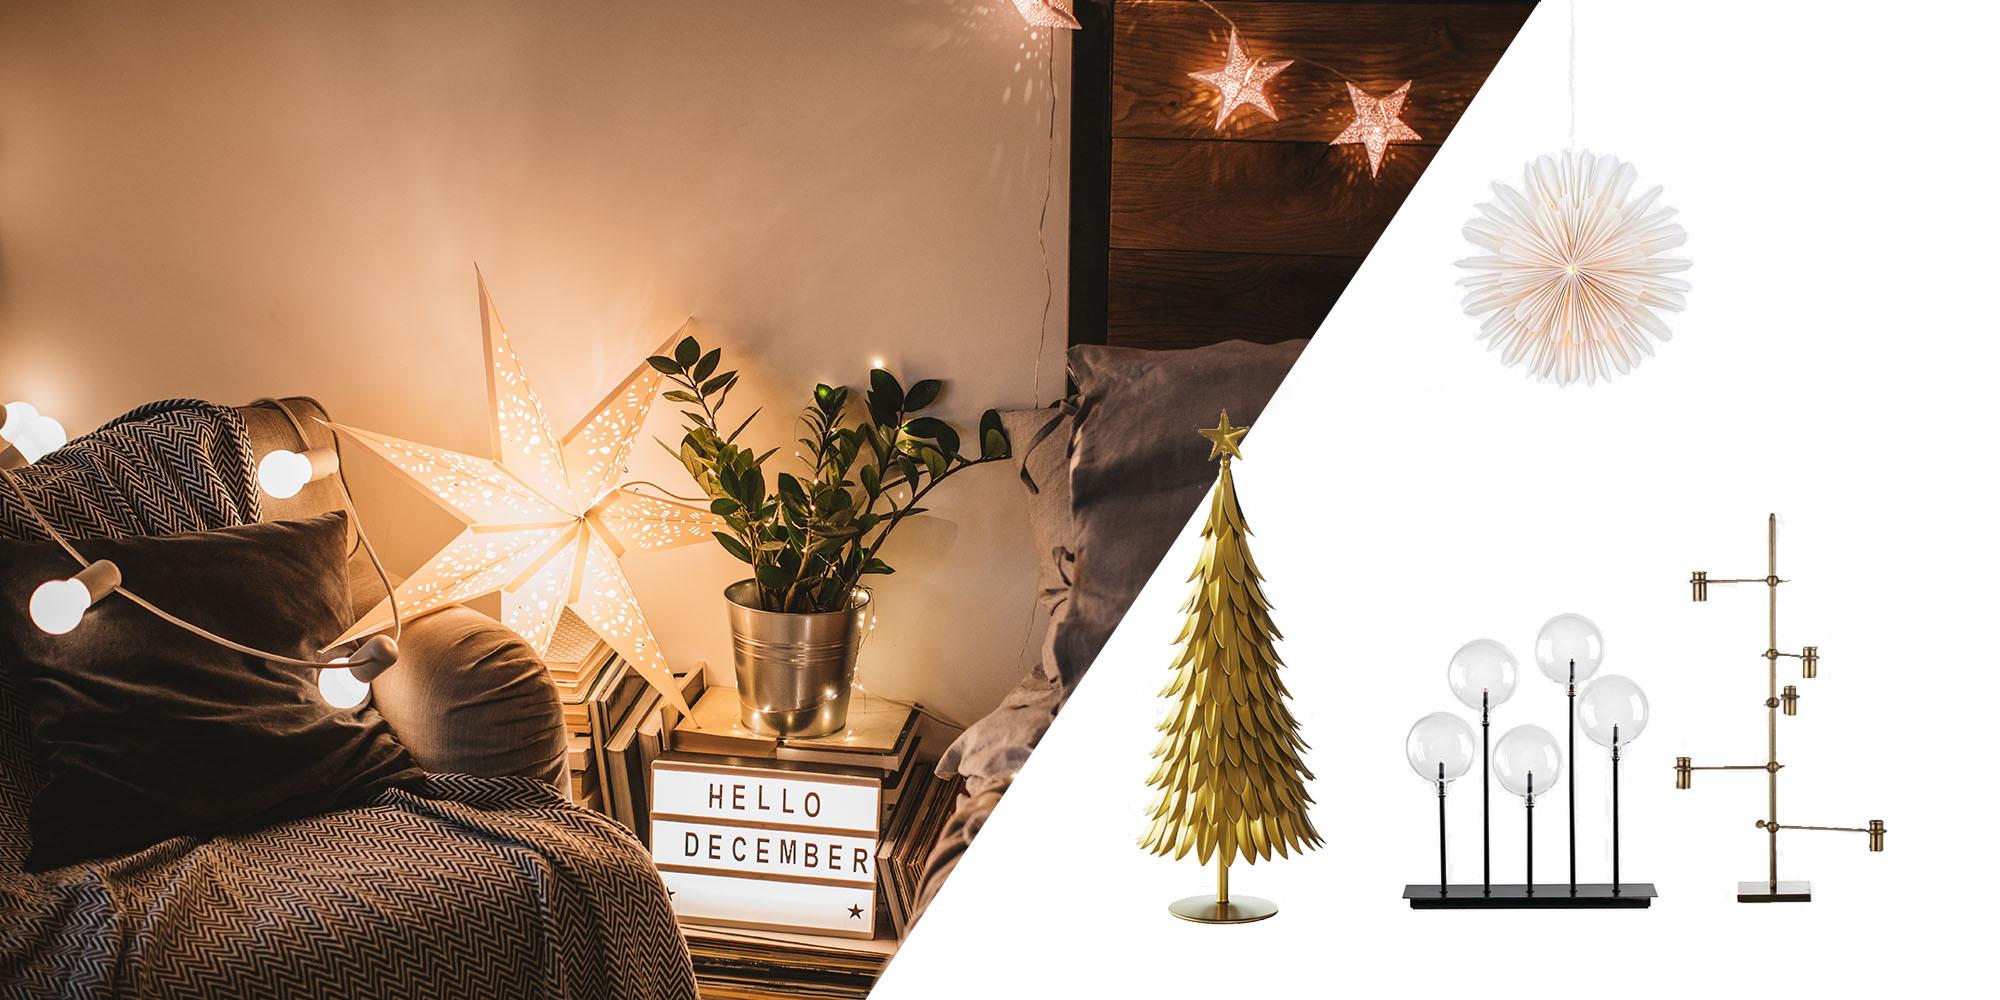 juldekorationer julstjarnor adventsljusstakar